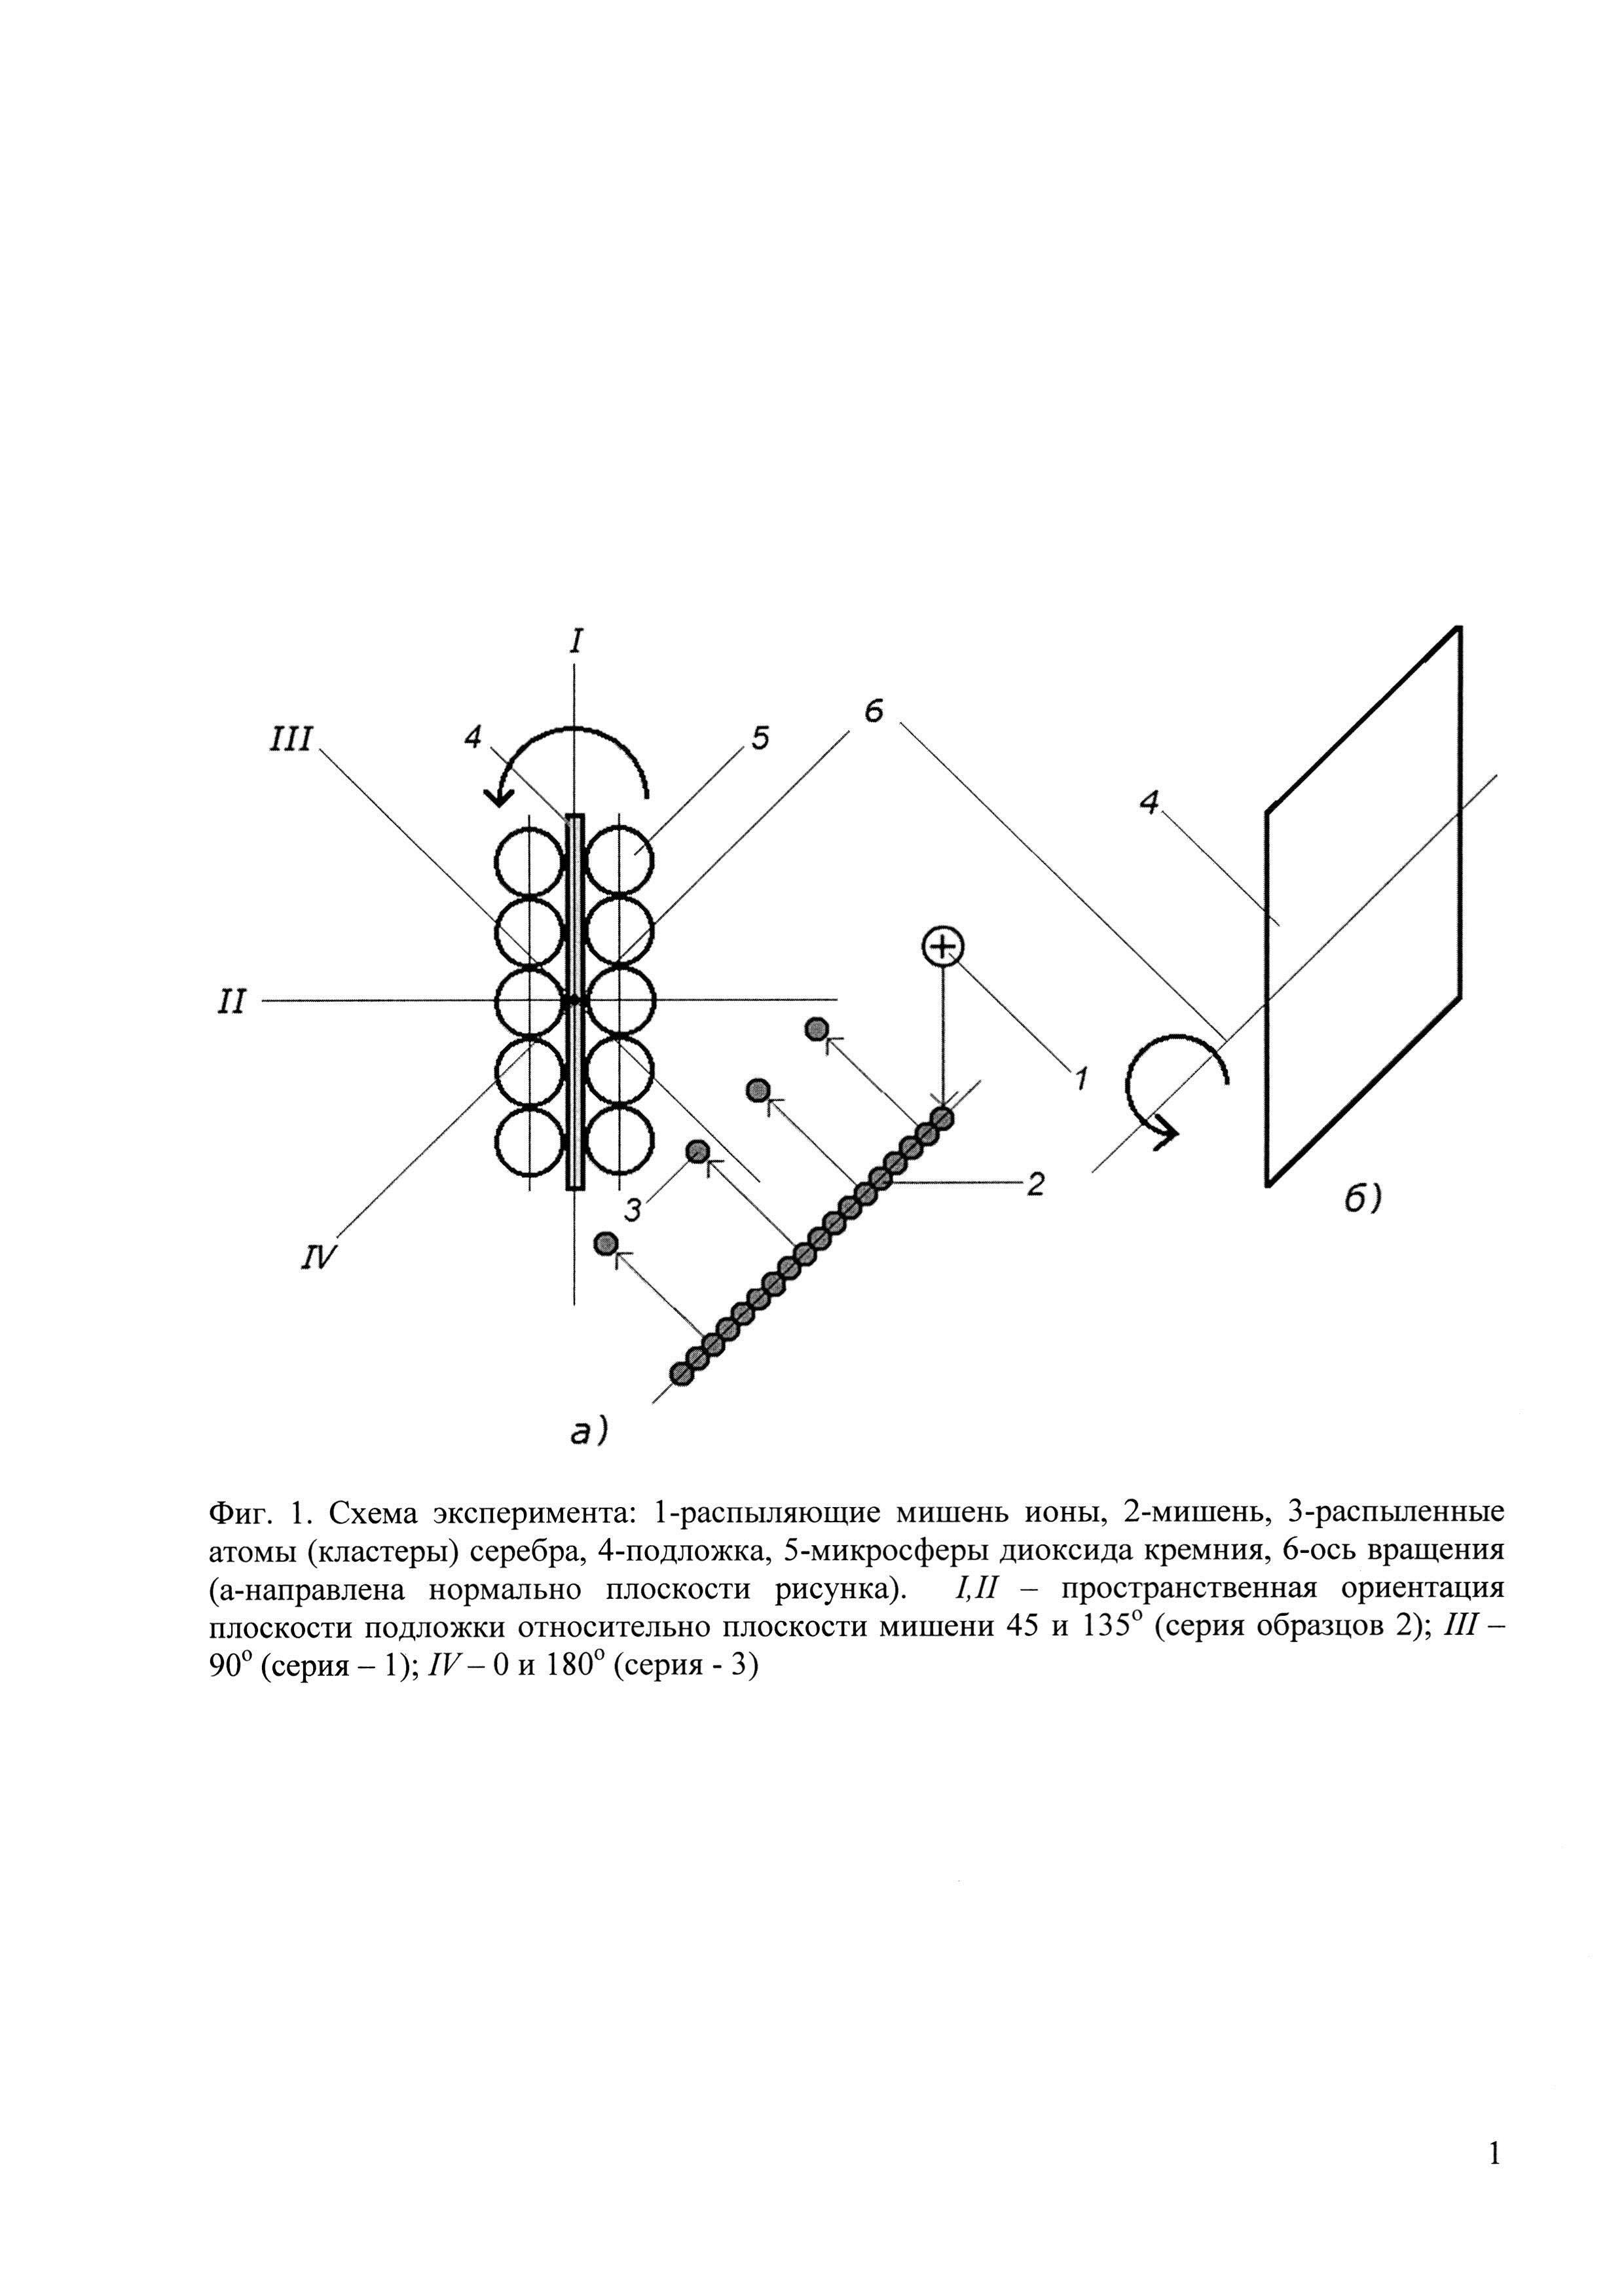 Способ получения композитных наноструктур: диоксид кремния - серебро